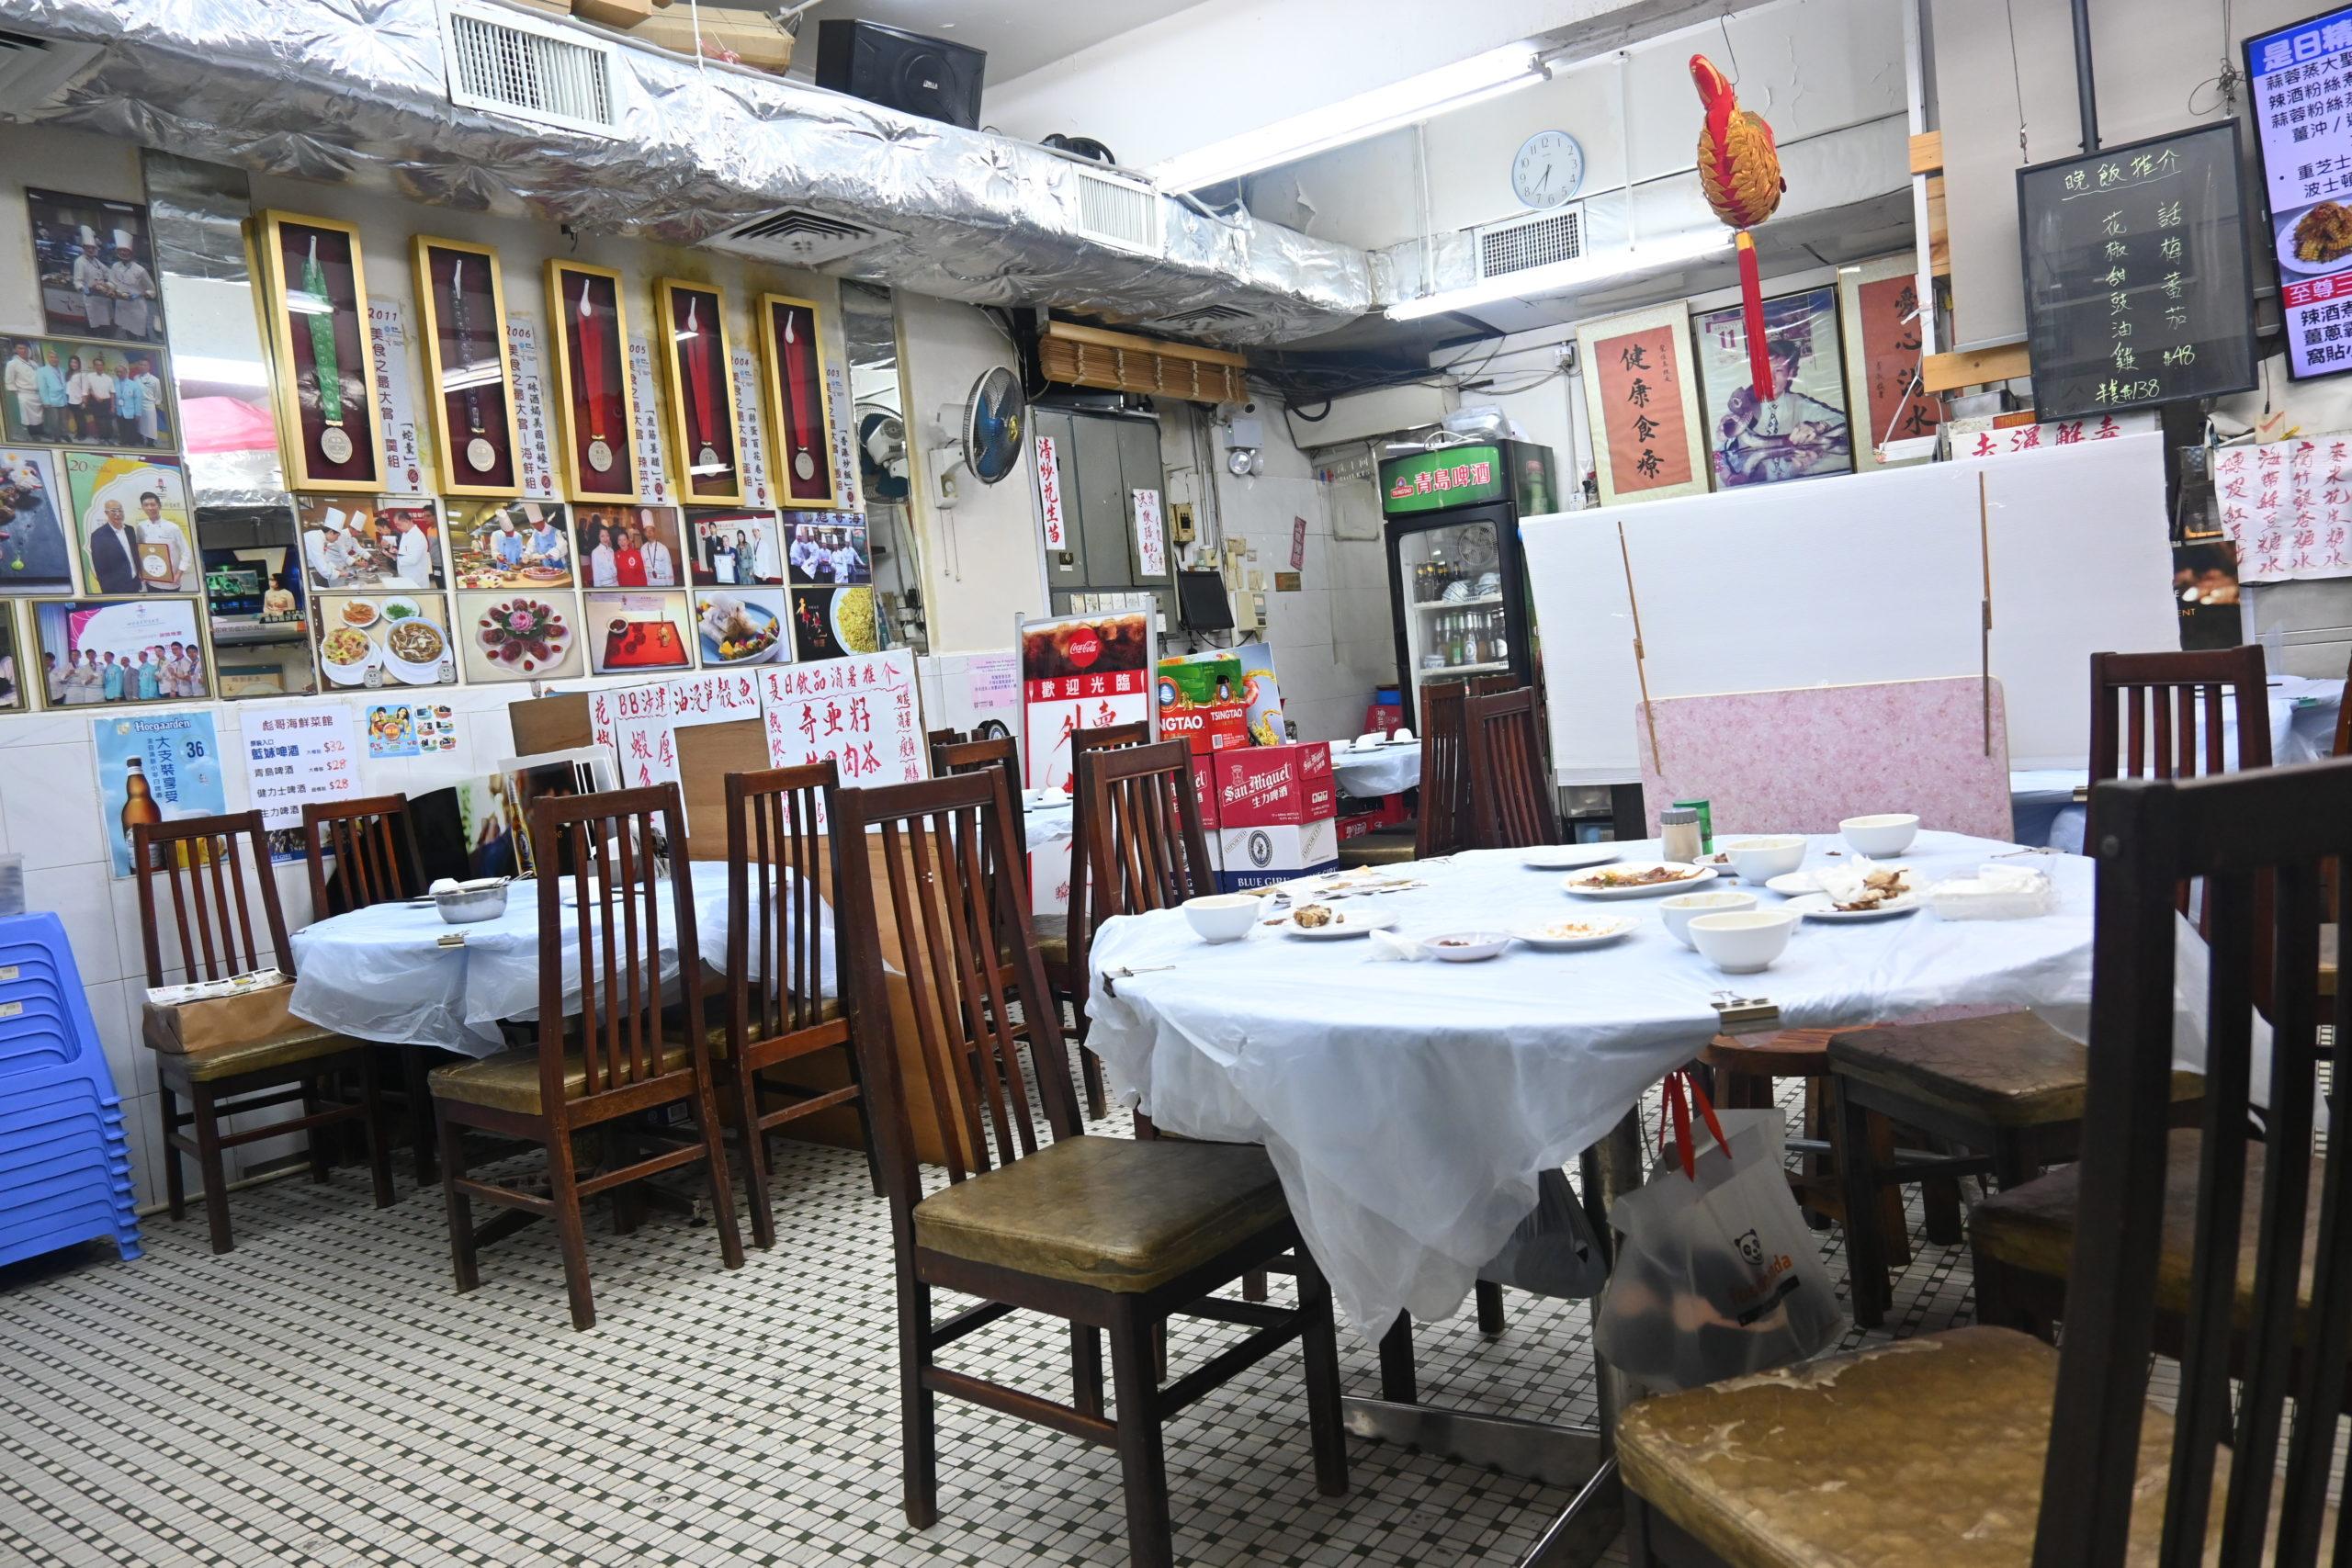 ここ実家かな?という温かいお店でお椀ビールを楽んできた。@觀塘